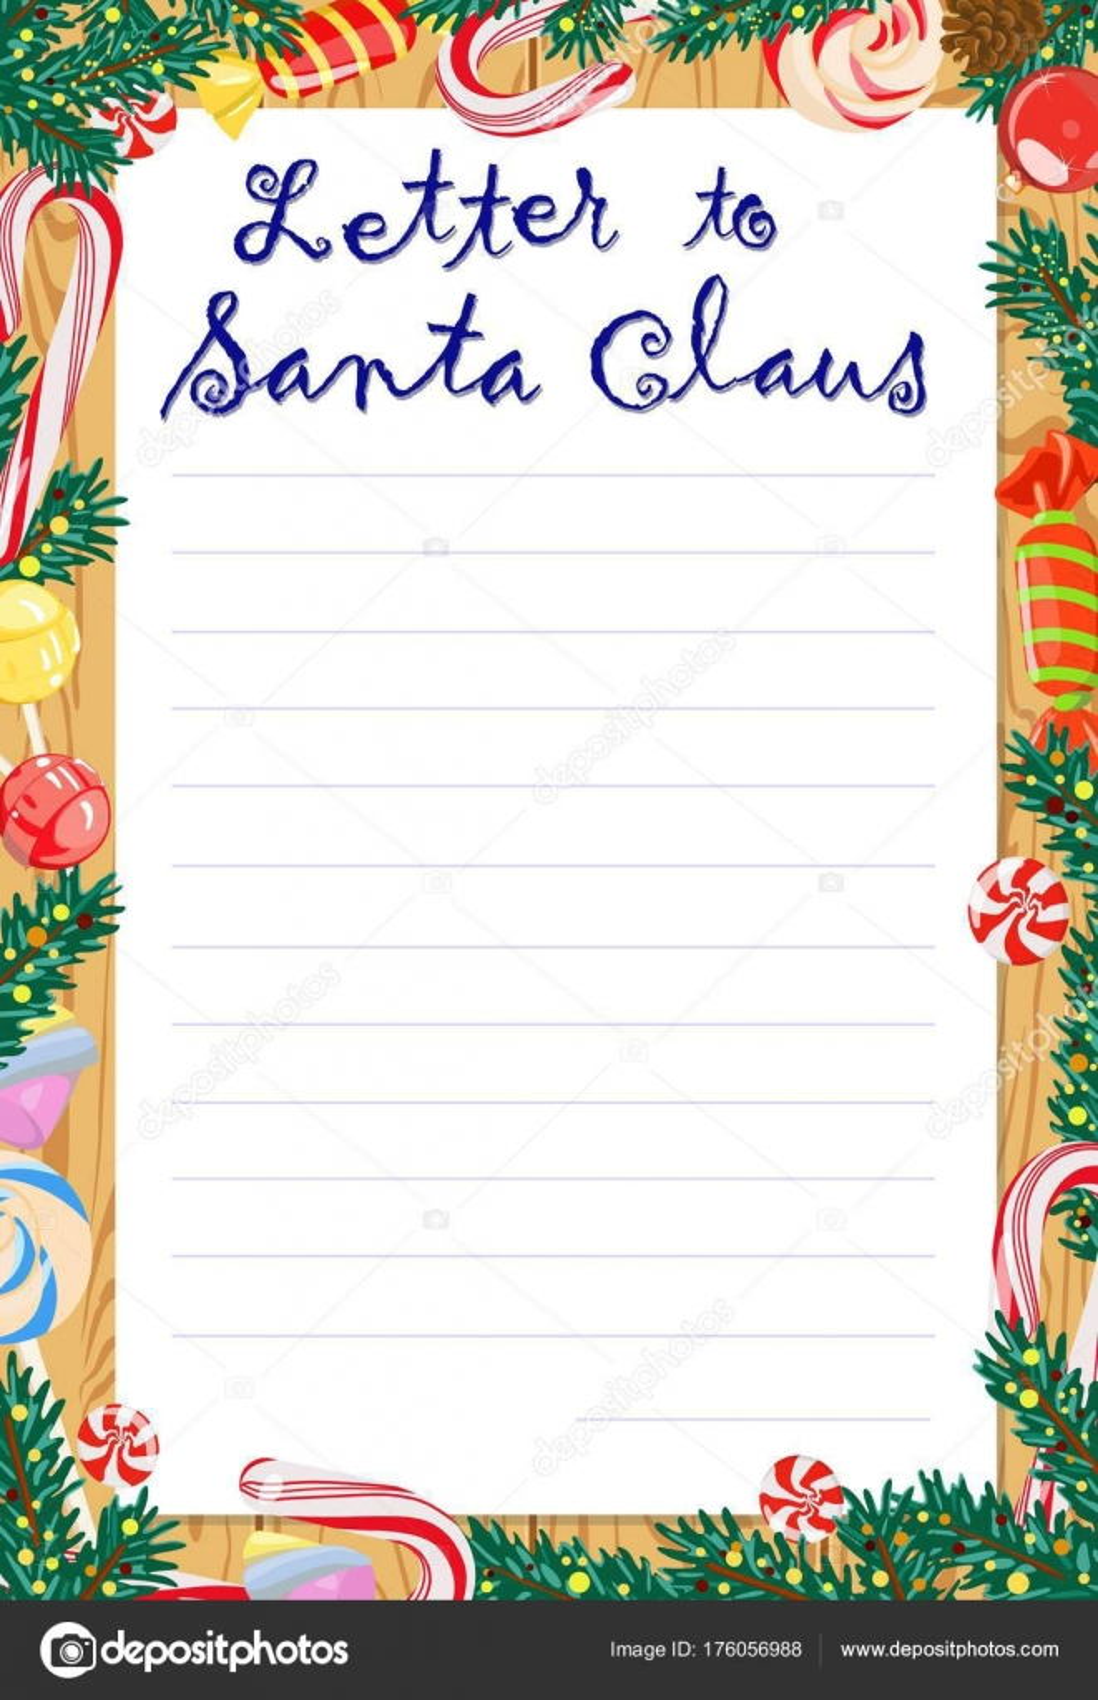 Carta de Santa Claus a los niños, la plantilla para el relleno ...